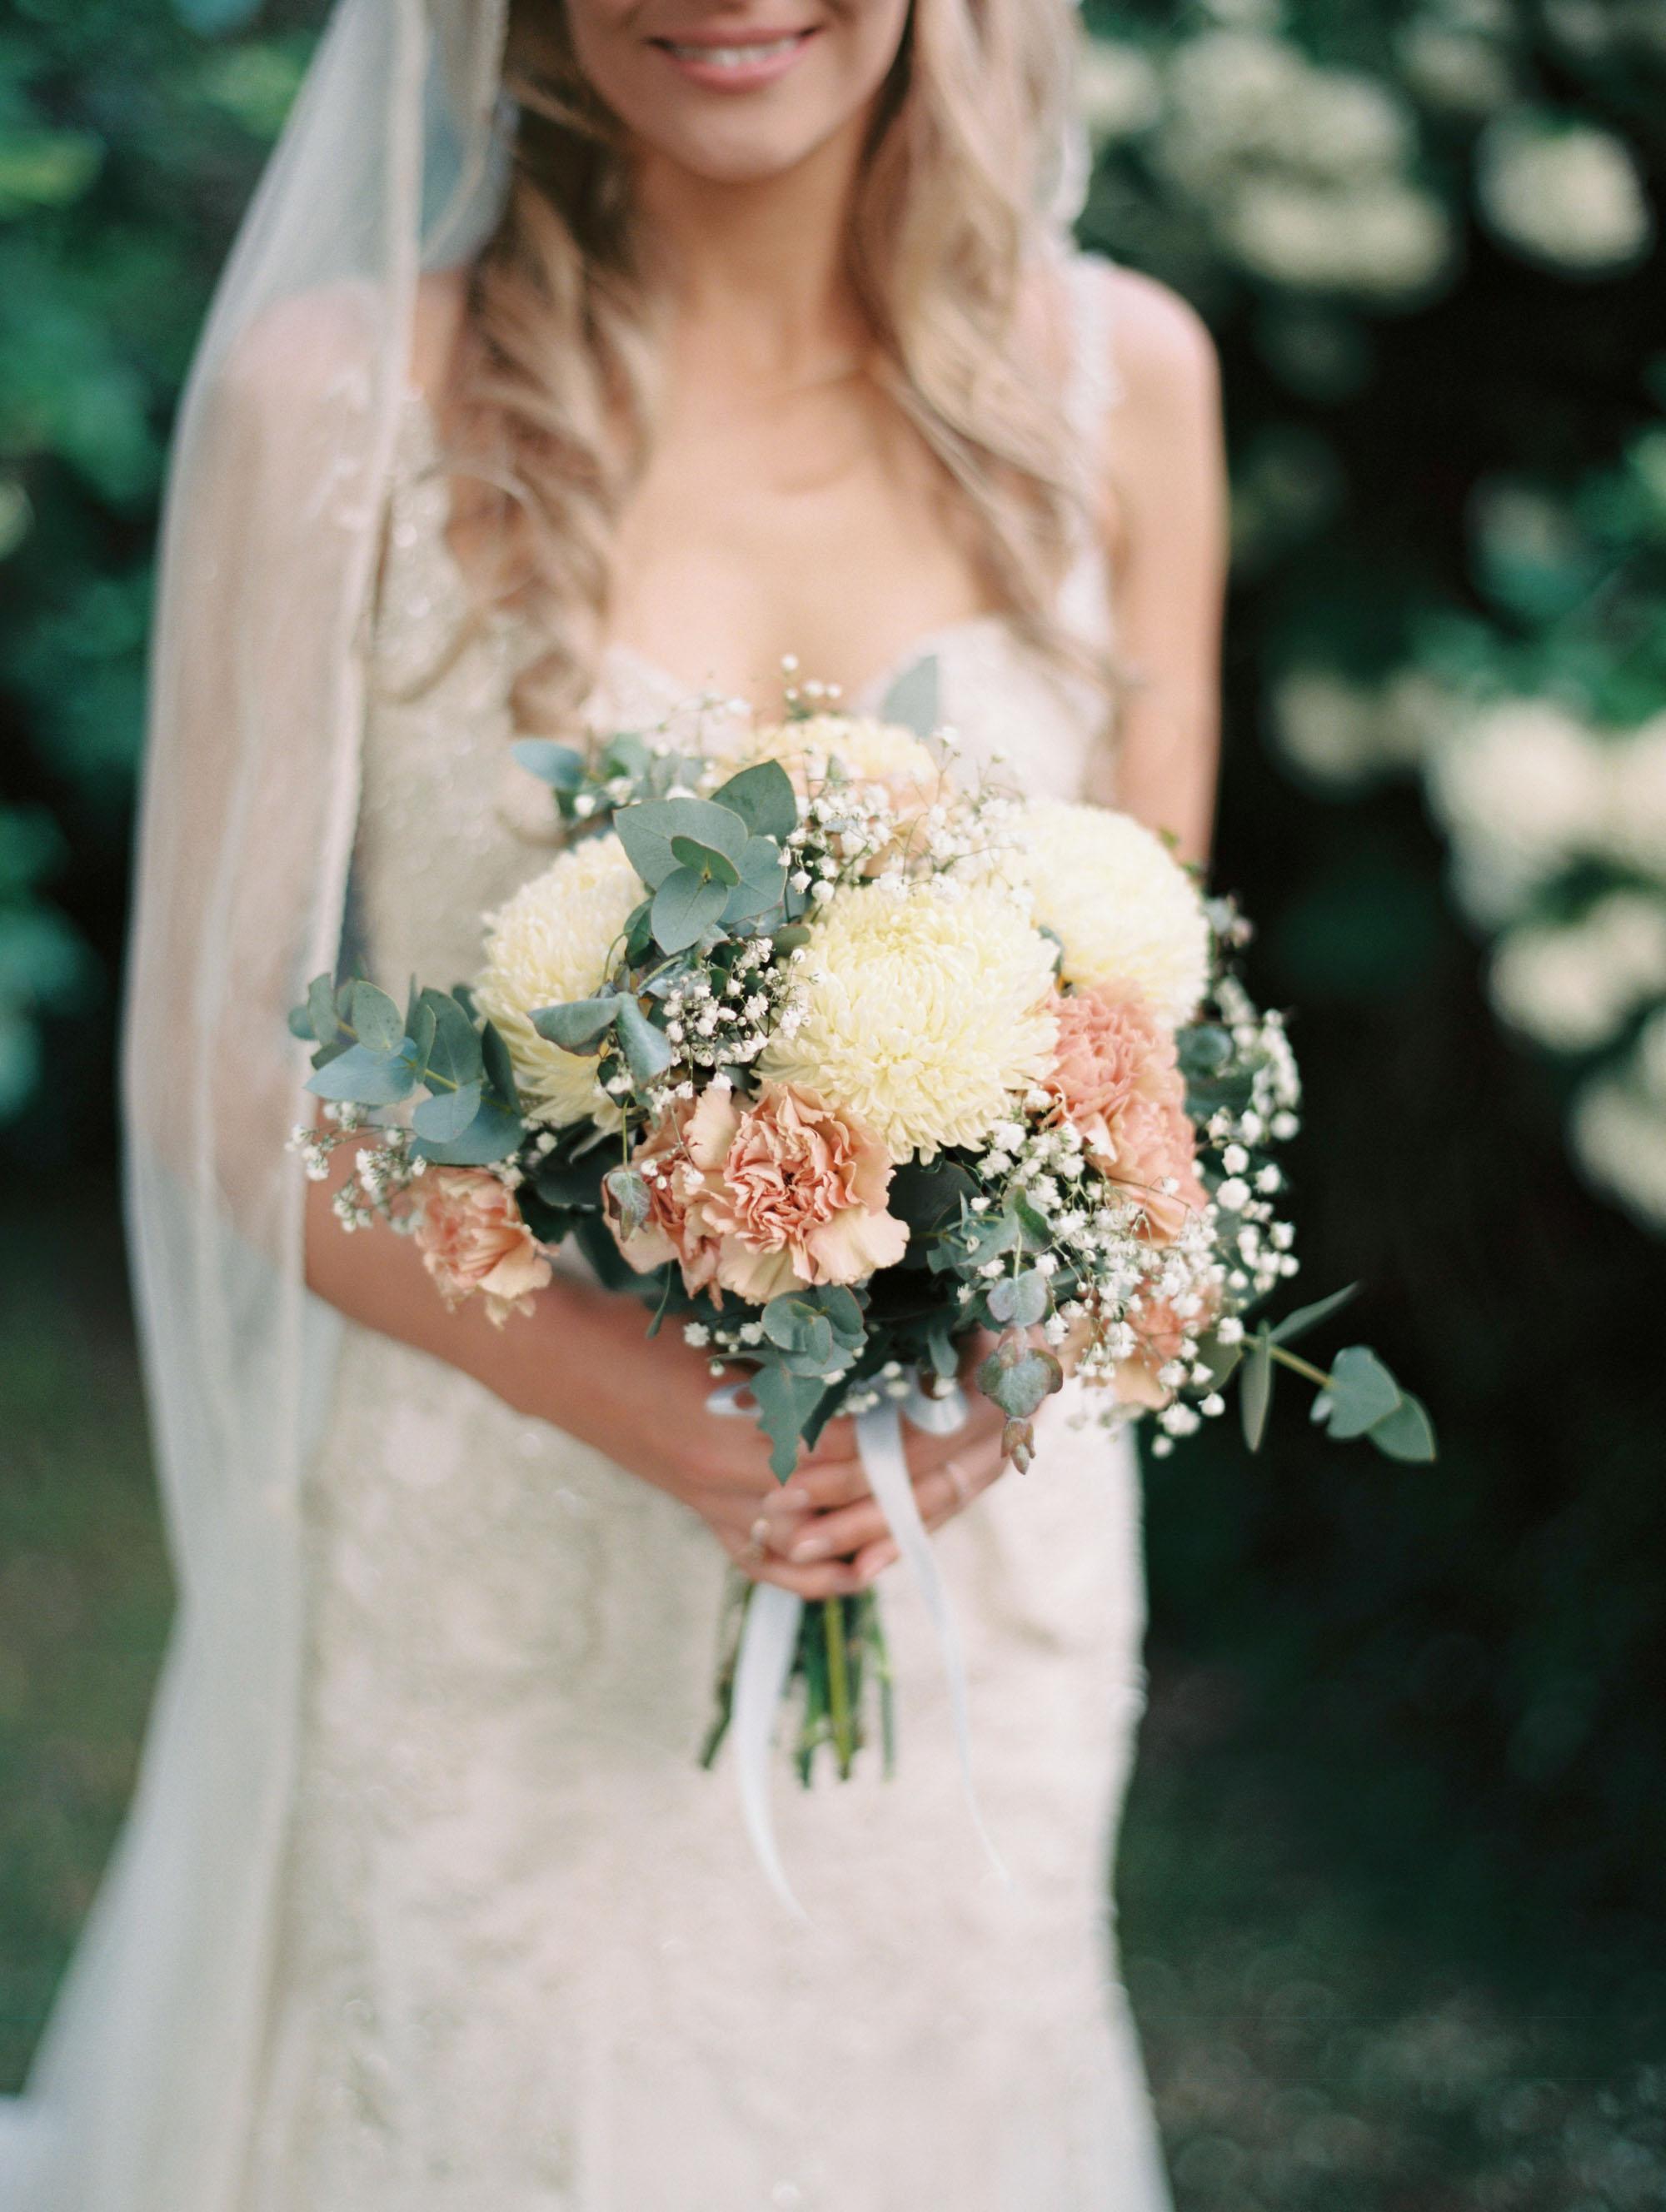 Whitehouse-hahndorf-wedding-photography-067.jpg